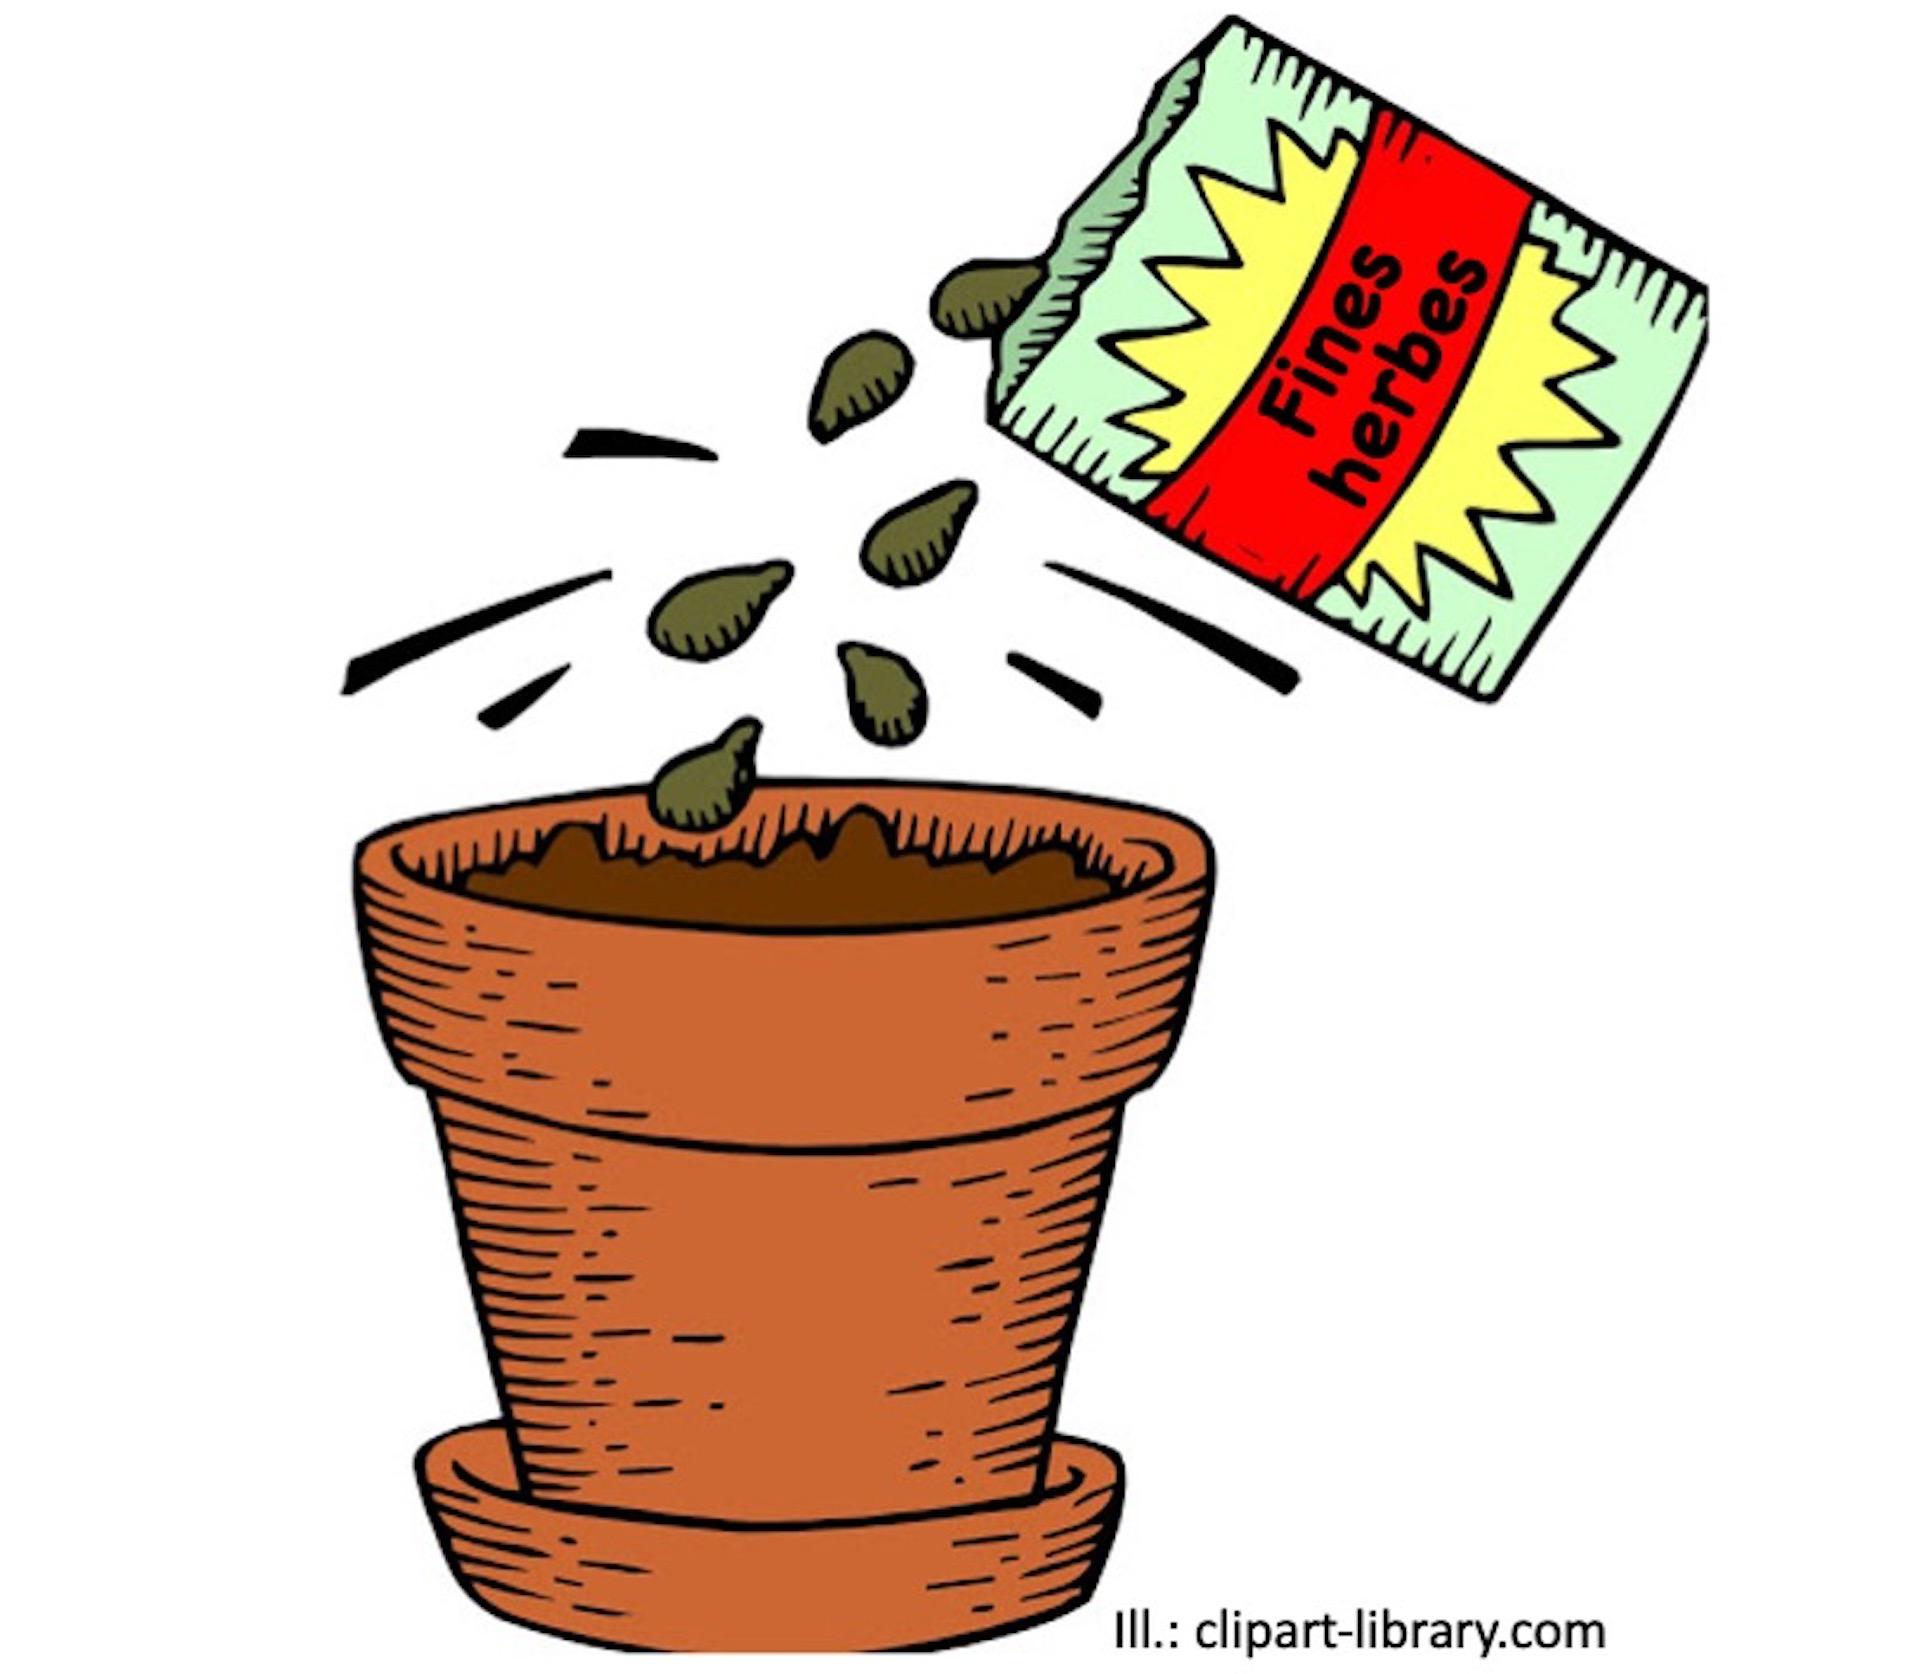 Illustration montrant un sachet de graines étiqueté fines herbes et des graines tombent du sachet dans un pot.